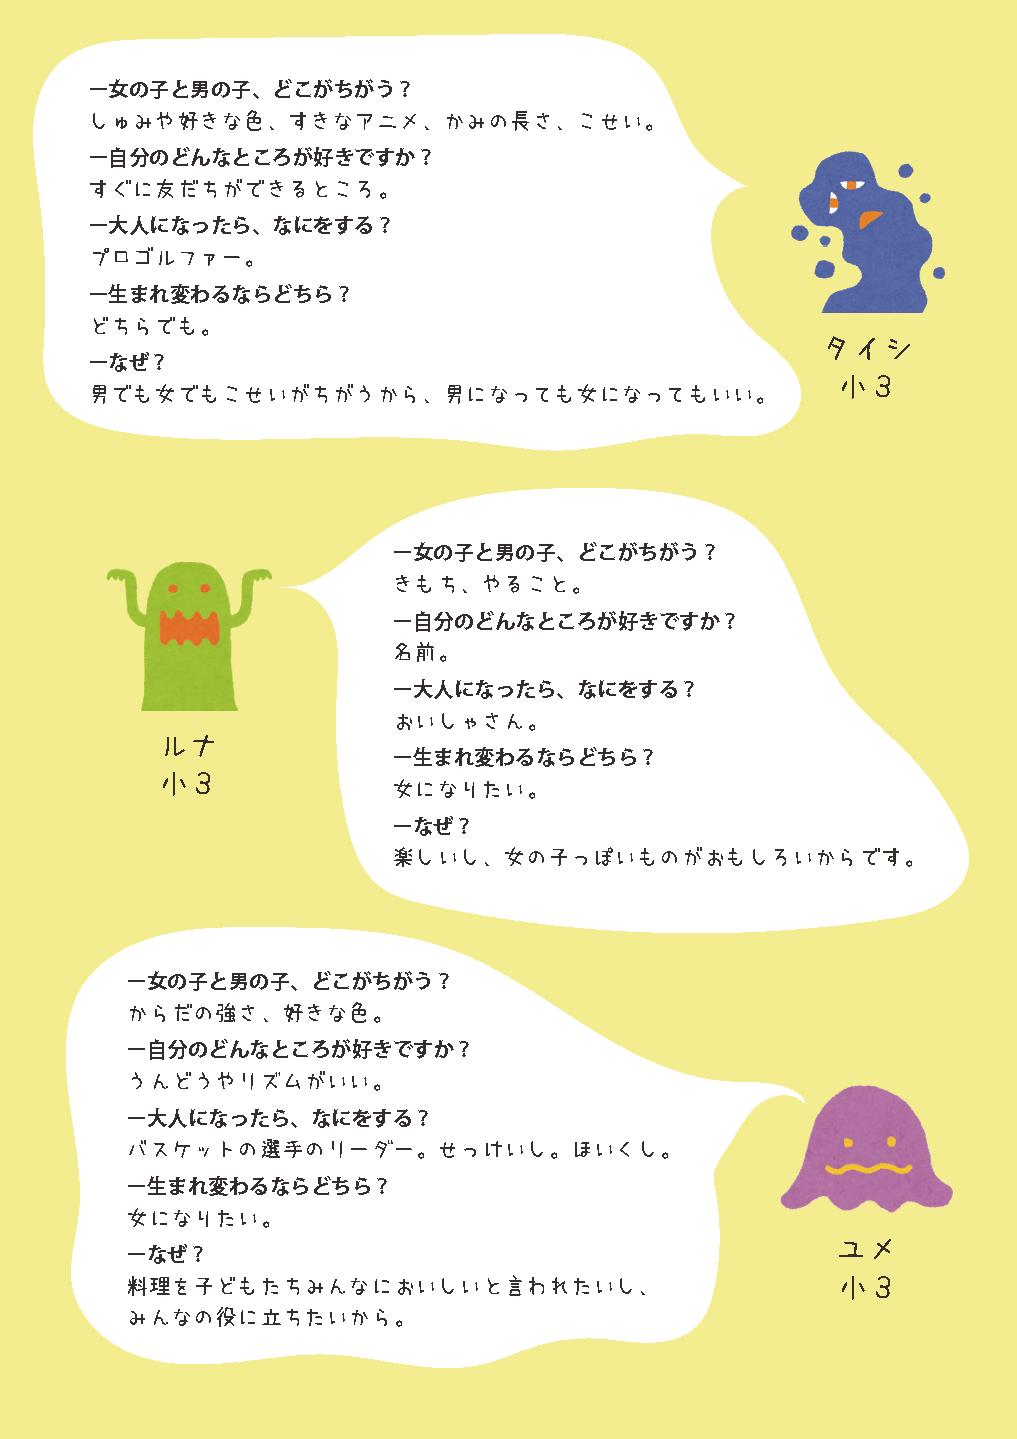 小学生に聞く_ページ_03